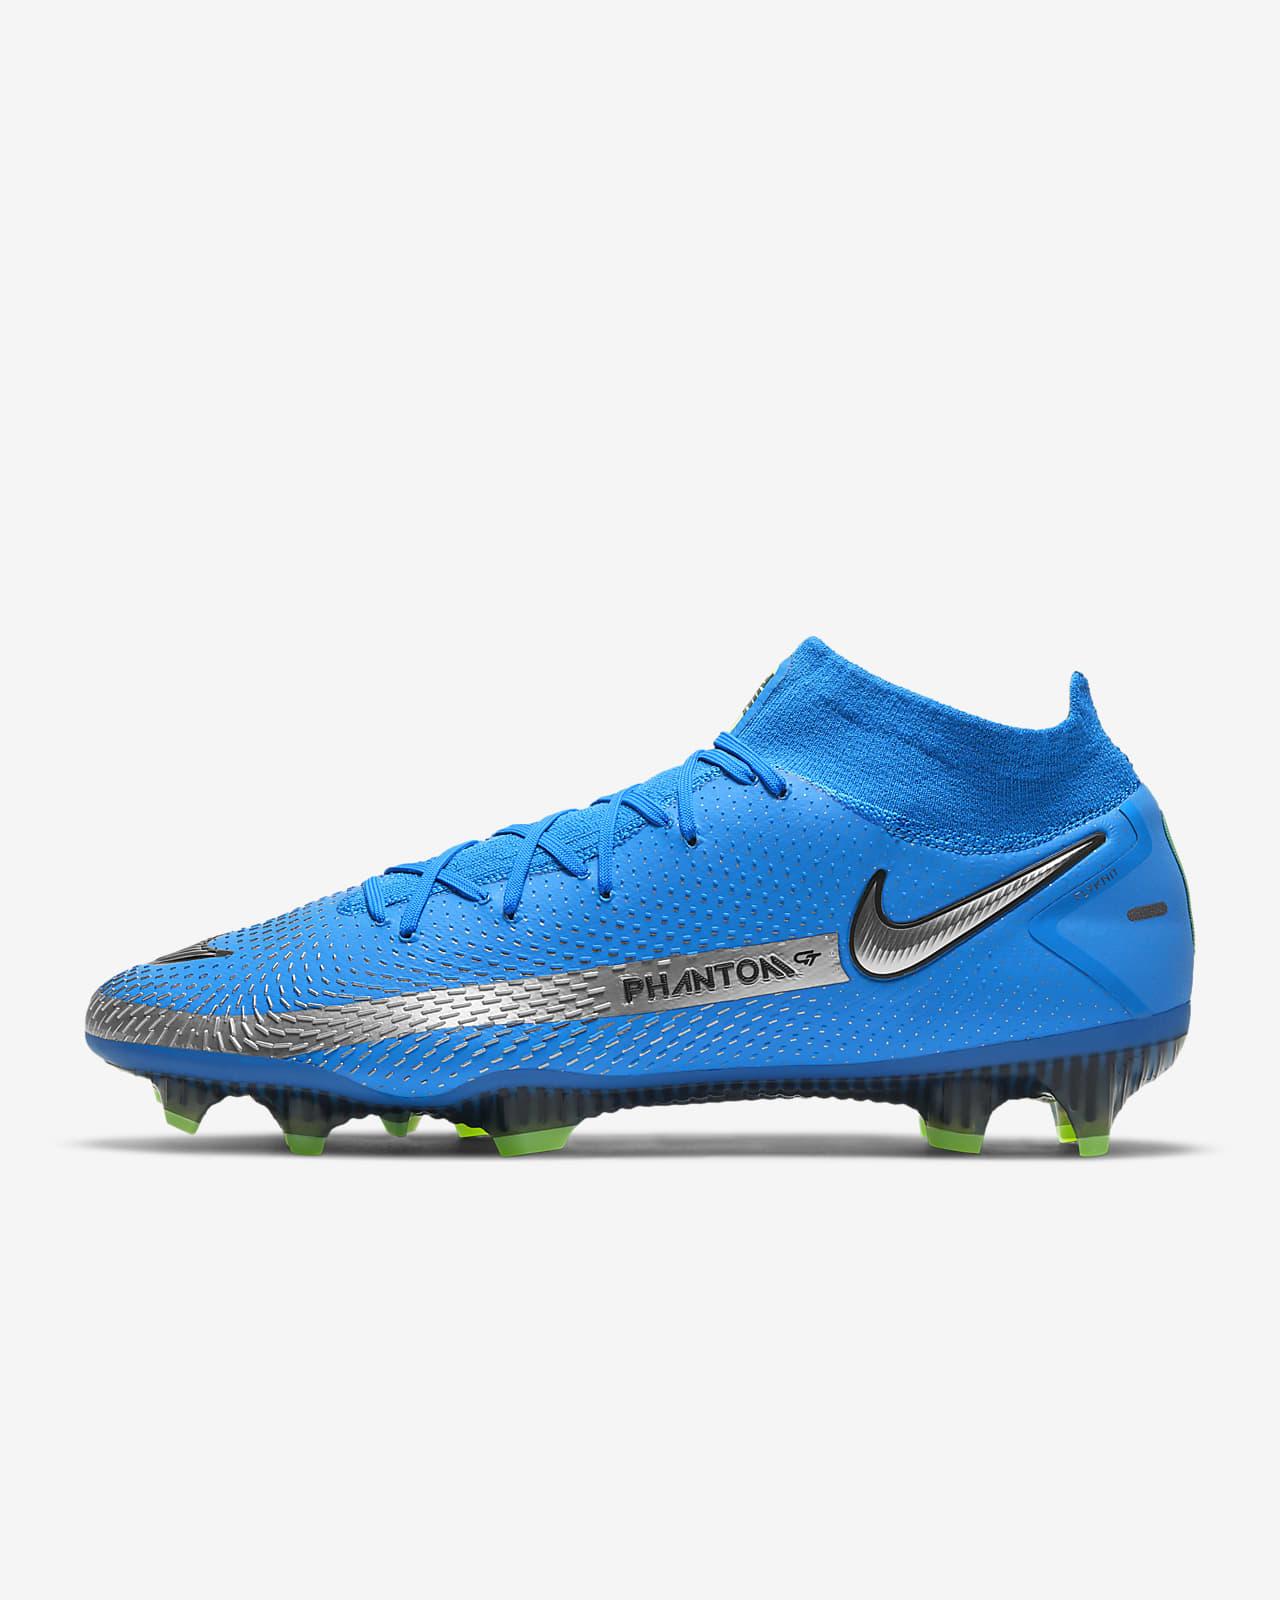 Korki piłkarskie na twardą murawę Nike Phantom GT Elite Dynamic Fit FG